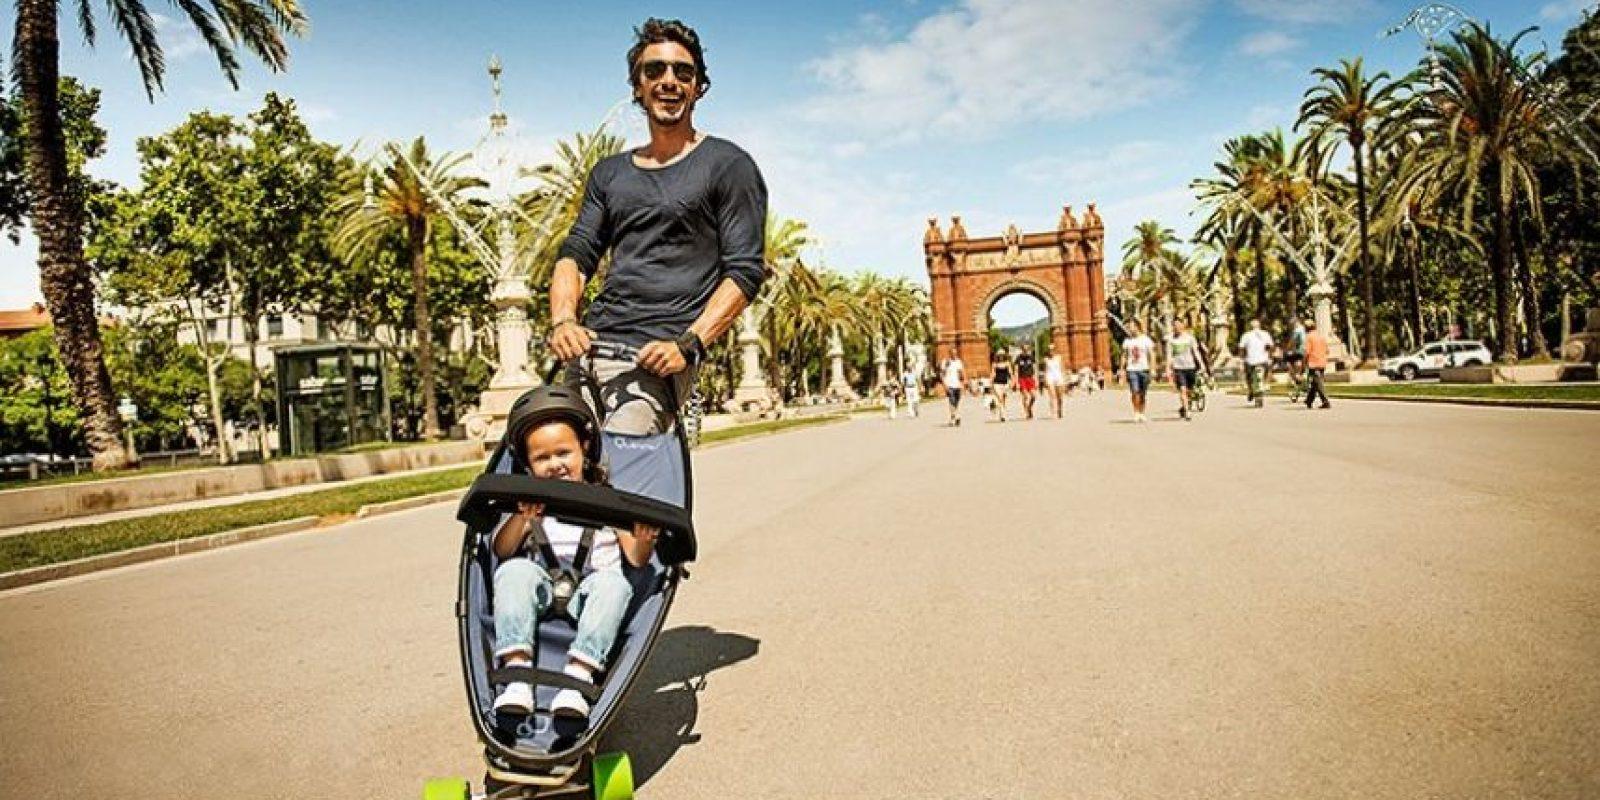 Crean artículos que ayuden a superar todos los obstáculos urbanos. Foto:Vía Quinny.com